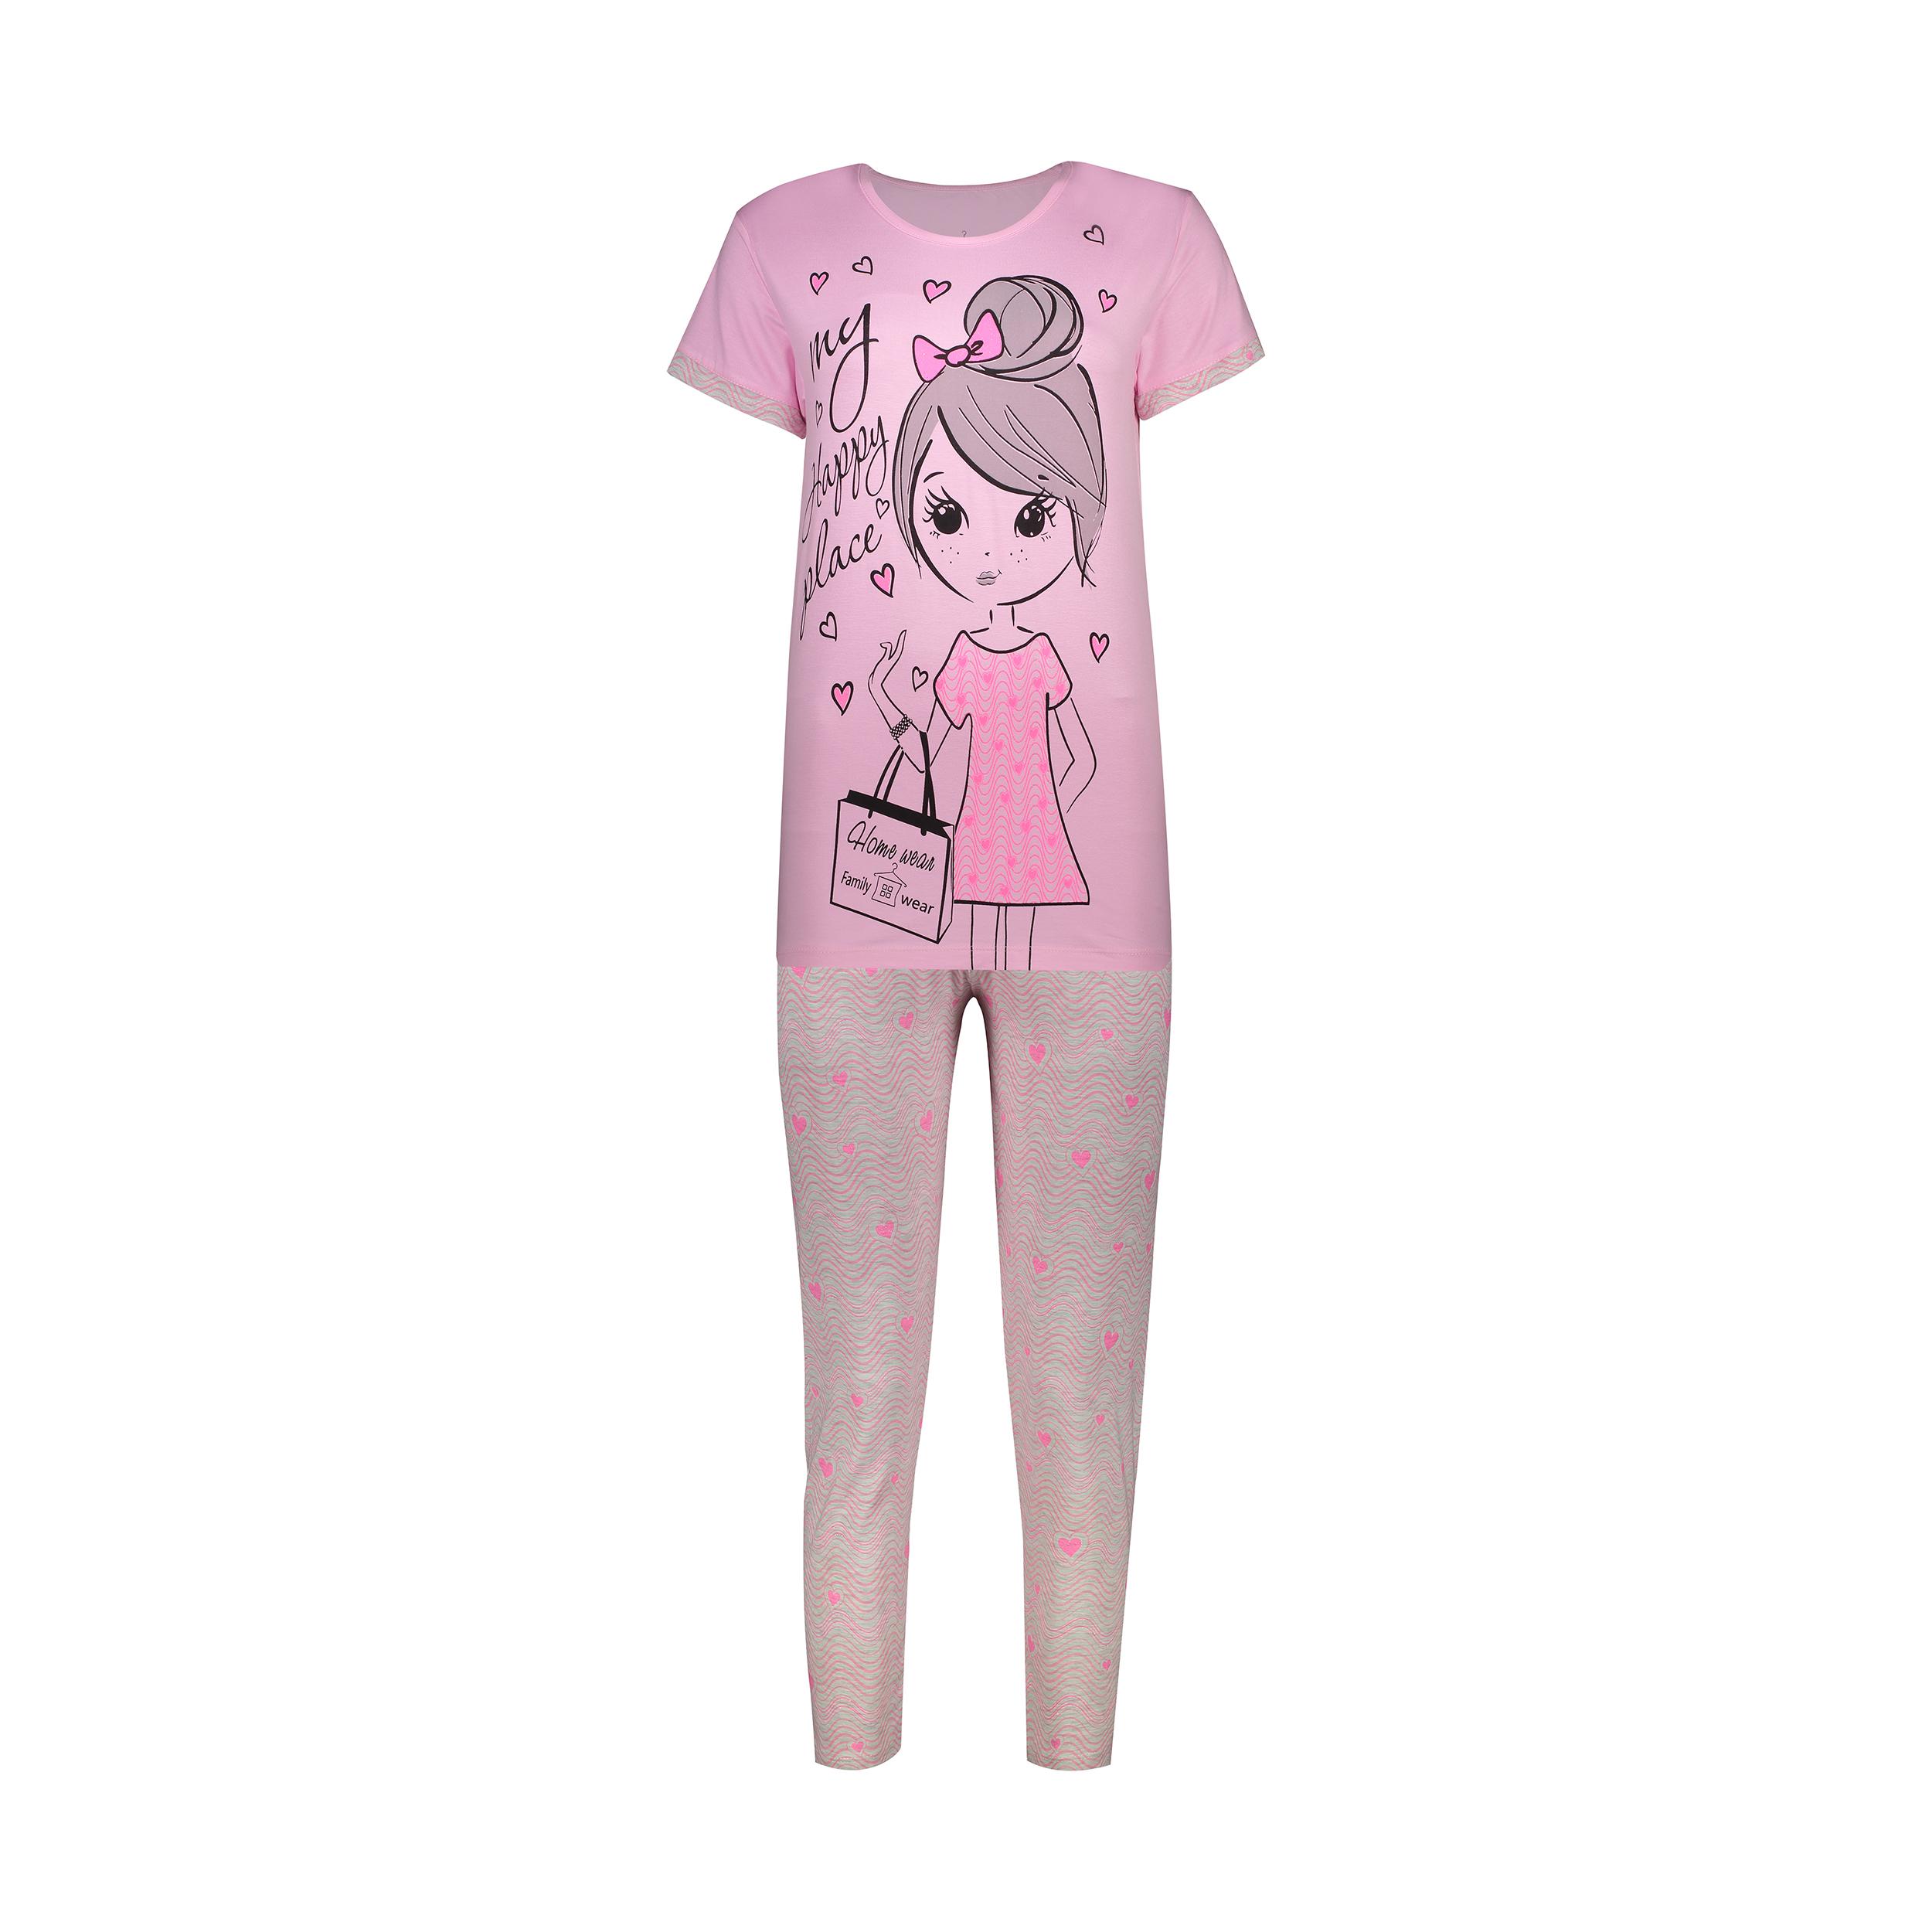 ست تی شرت و شلوار زنانه فمیلی ور طرح دختر کد 0222 رنگ صورتی -  - 2